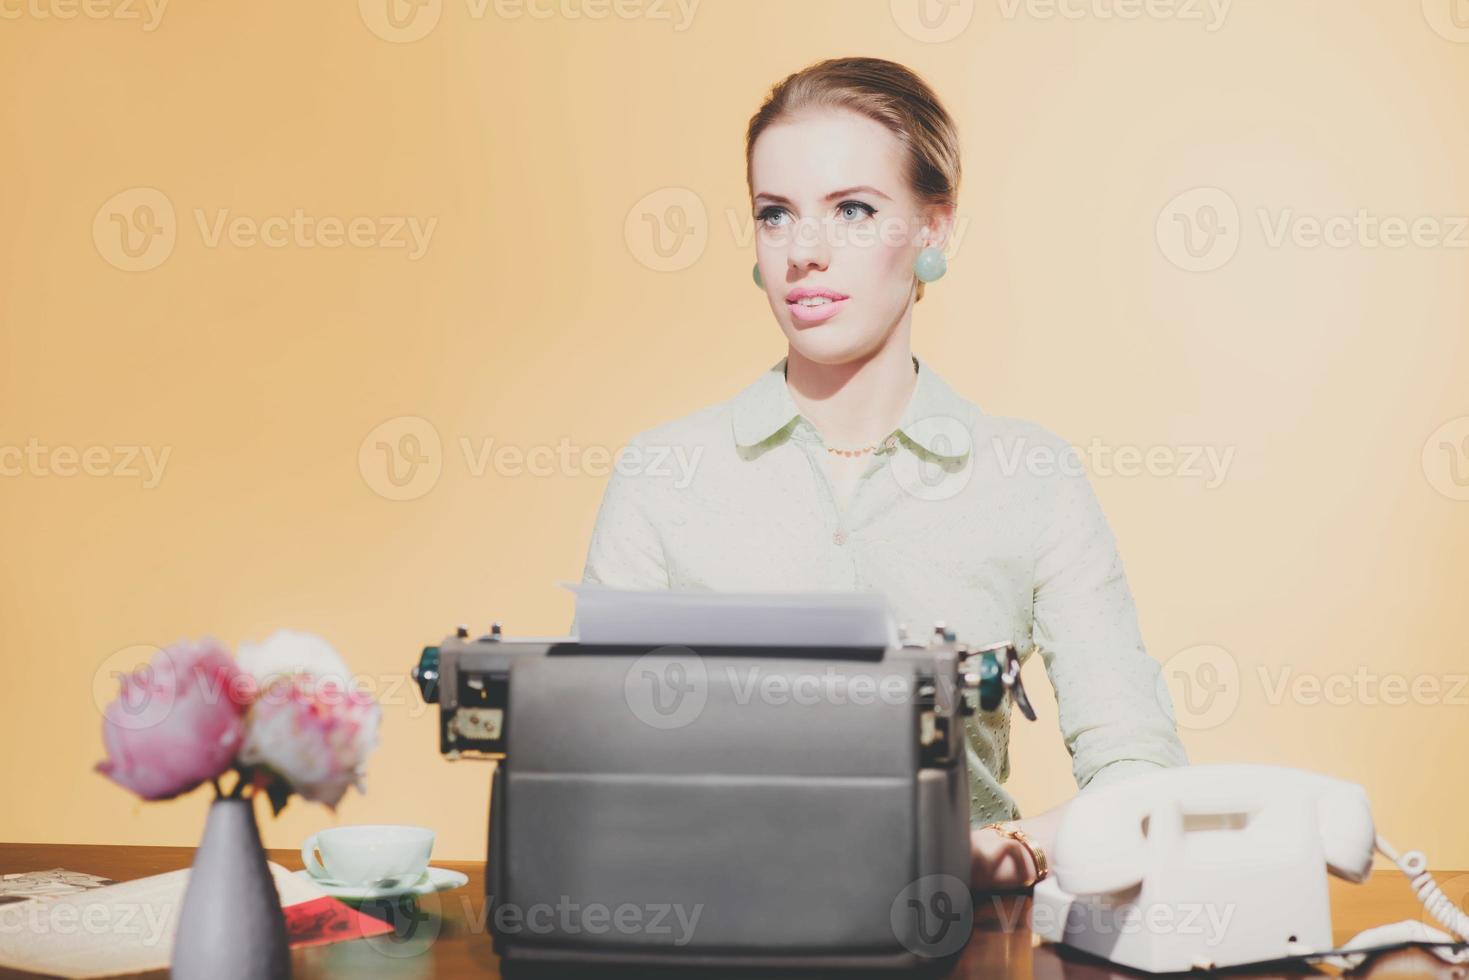 vintage pensativo 1950 loira secretária mulher sentada atrás da mesa foto